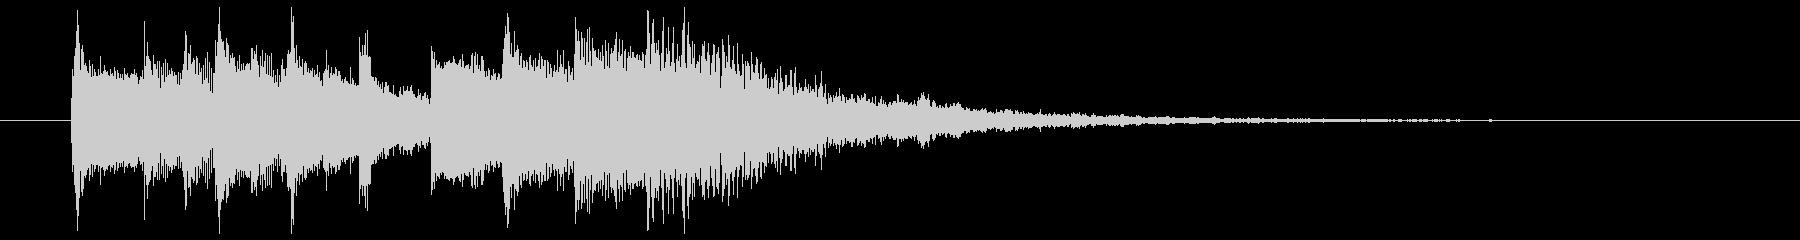 美しいサウンドロゴ_ベル系シンセ_04の未再生の波形